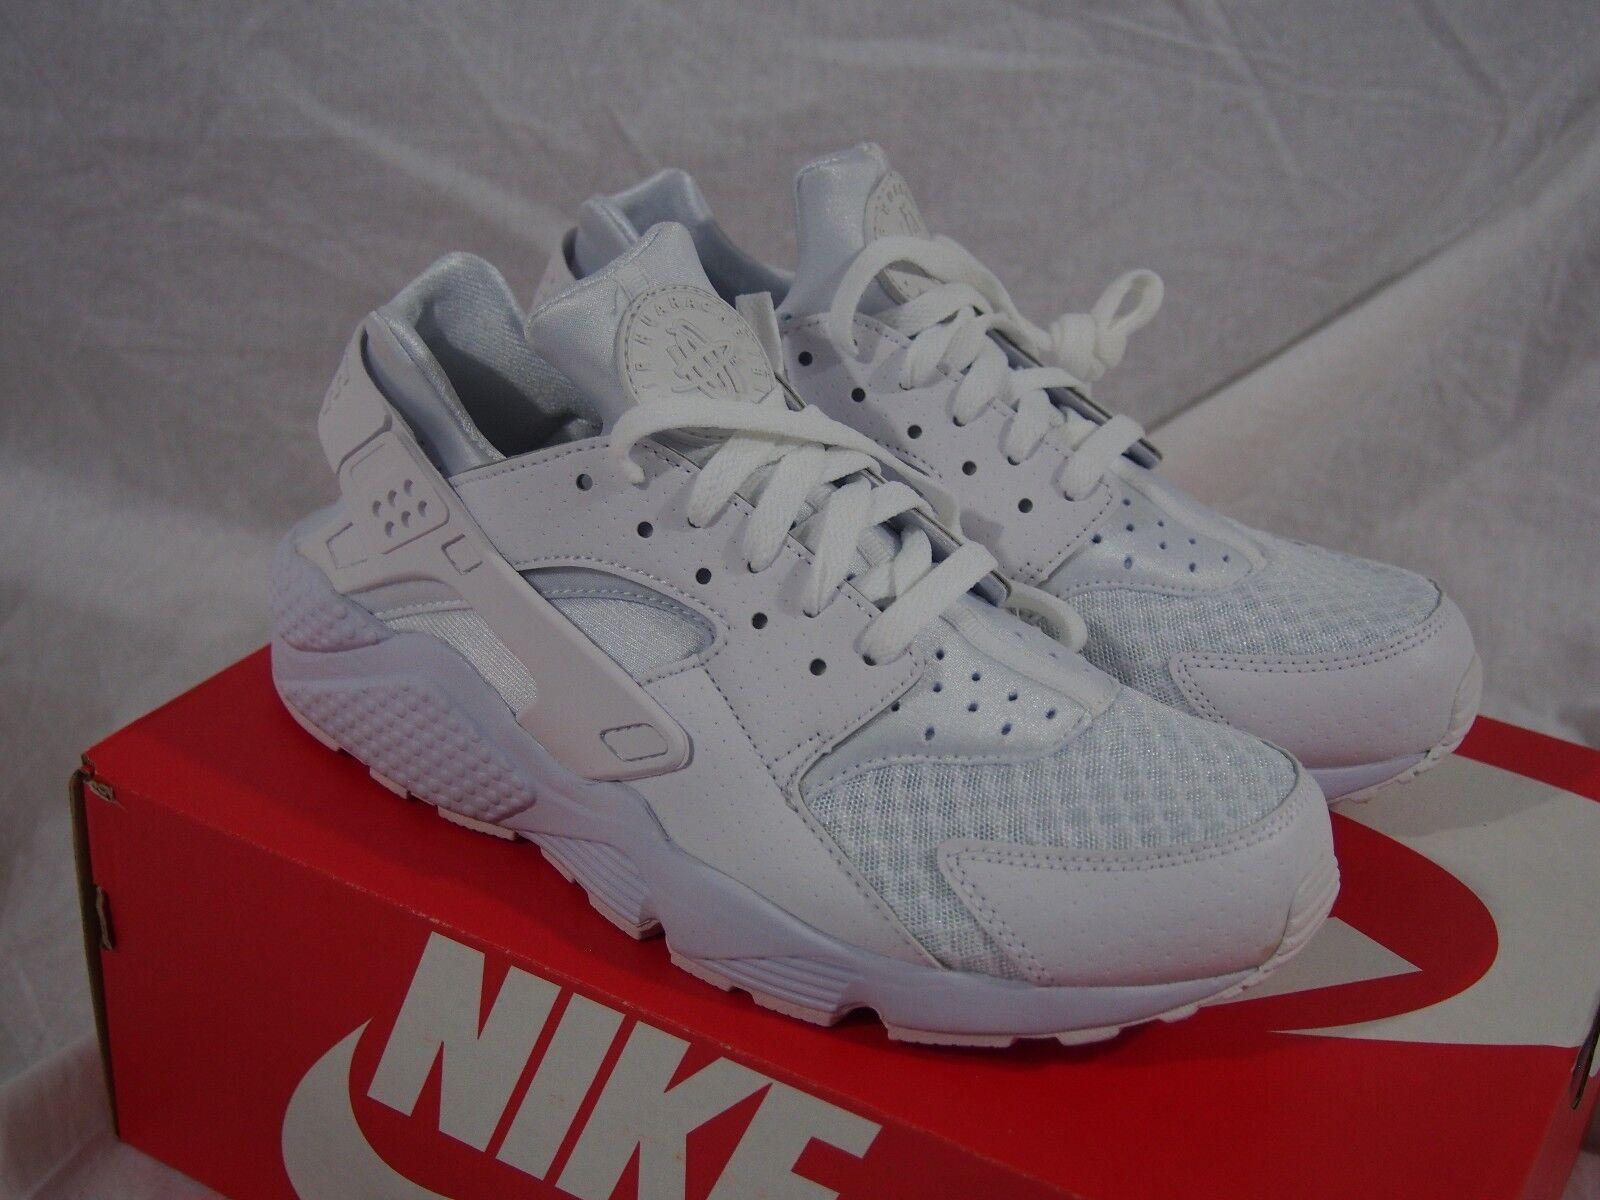 Nike Air Huarache Triple White  Cheap and fashionable